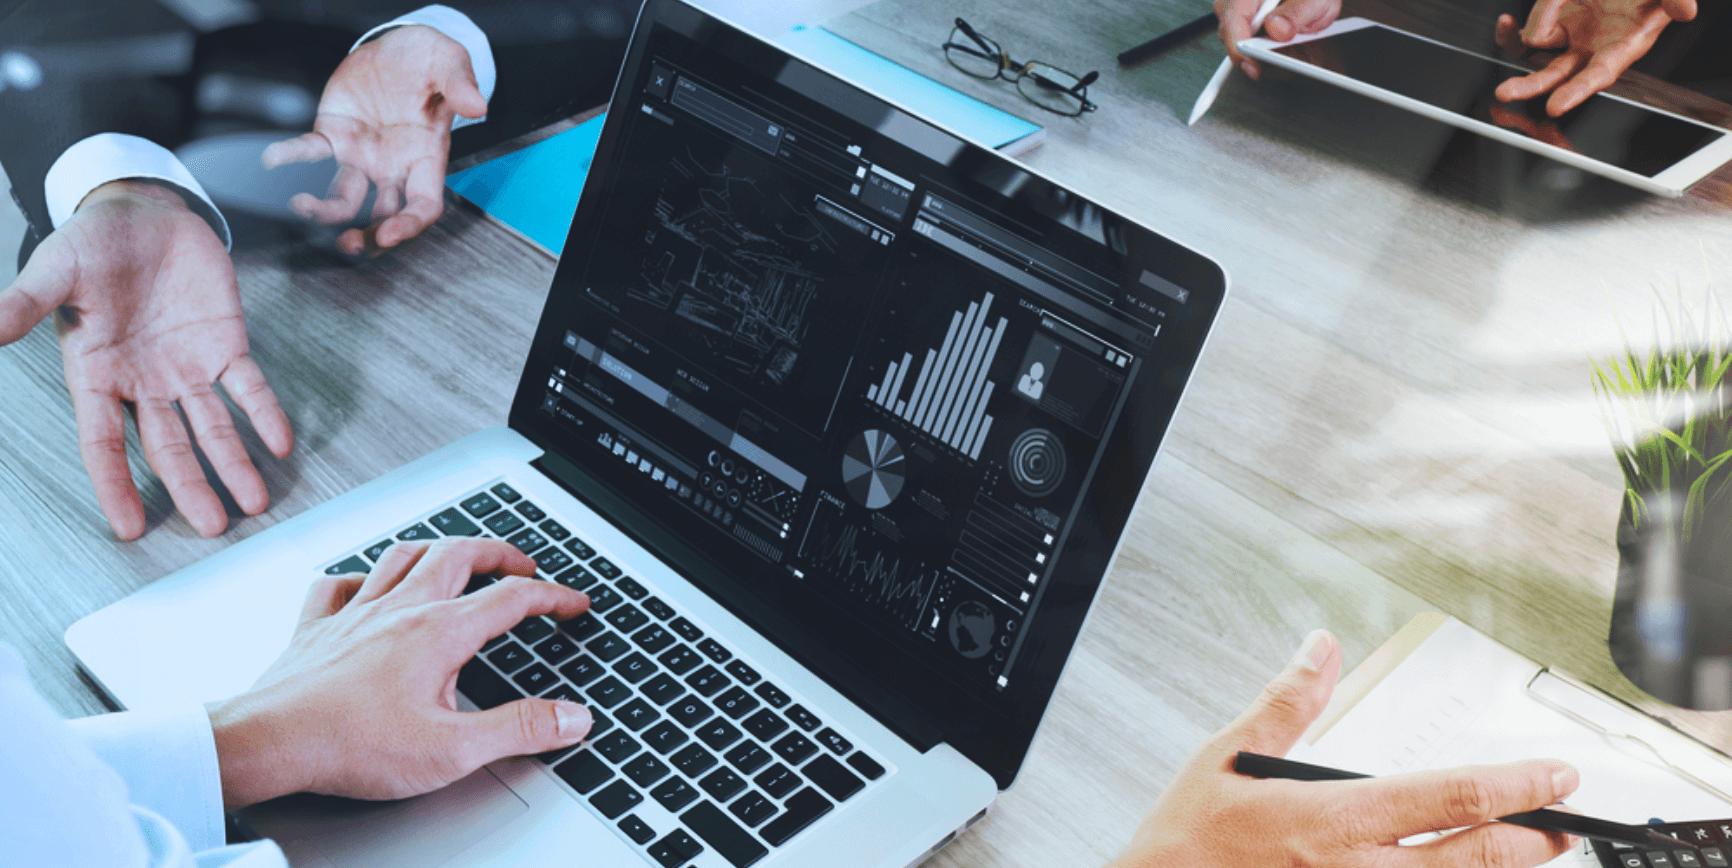 analysing business data